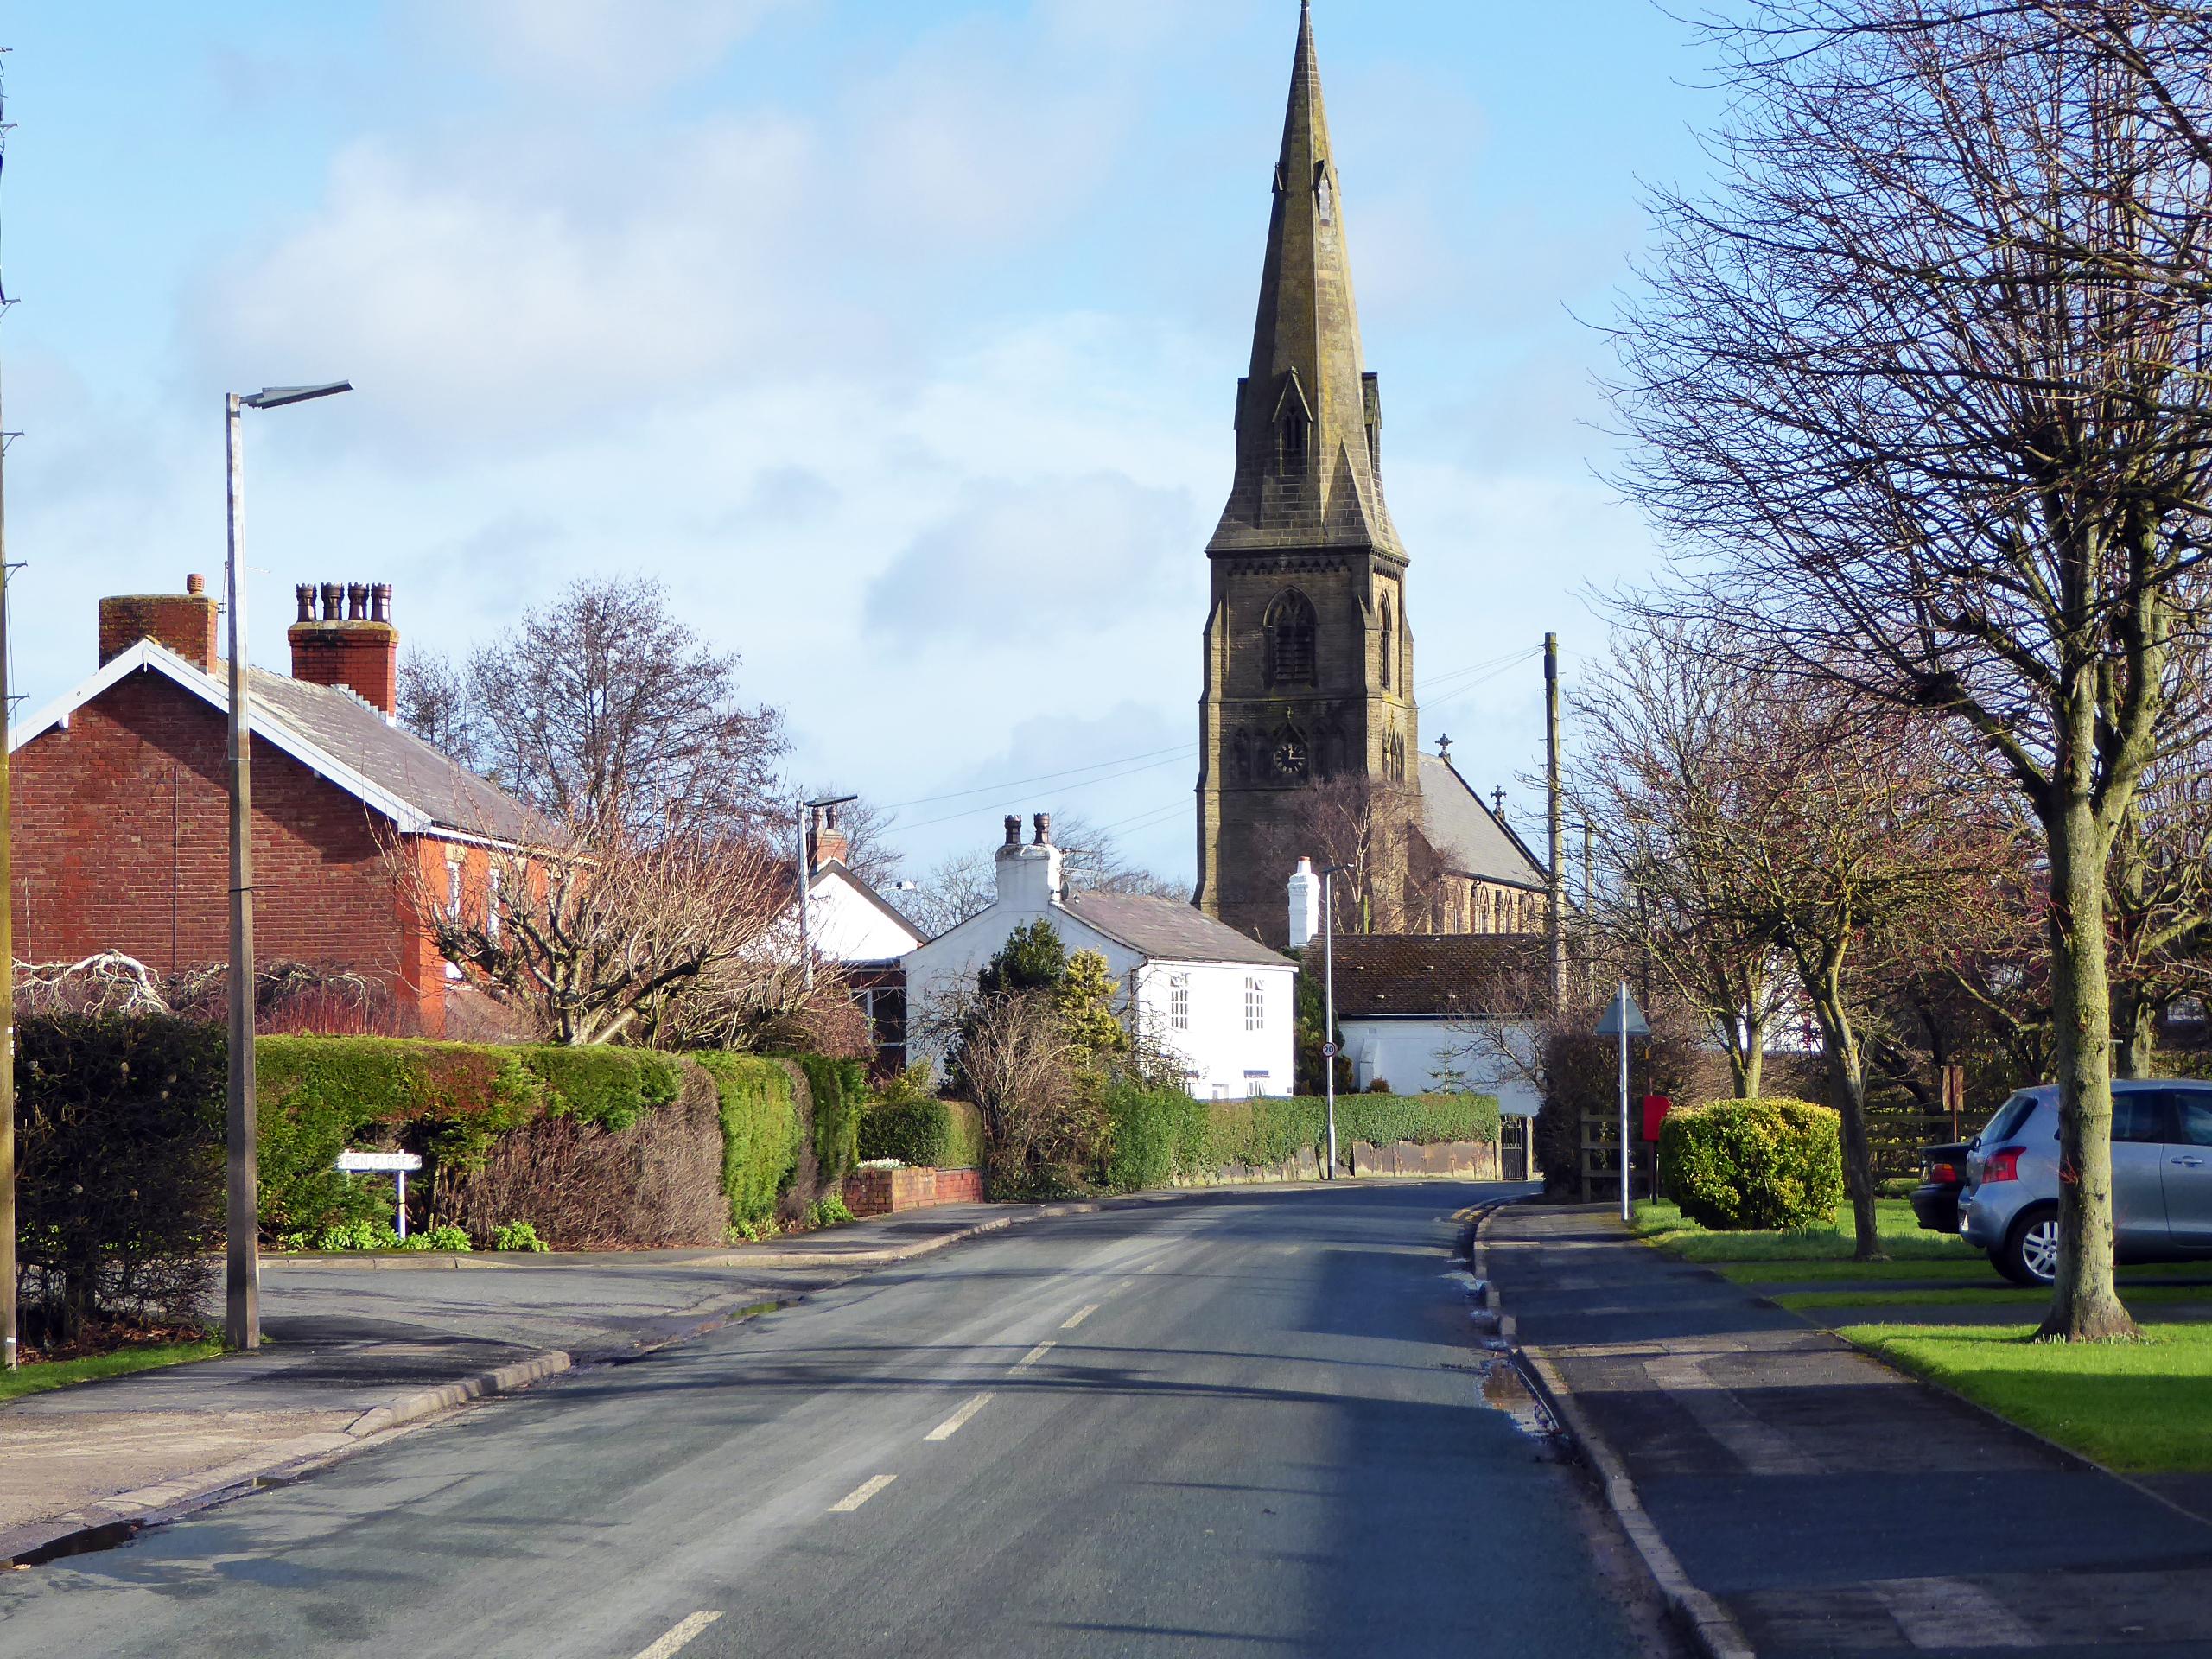 Tarleton - Church